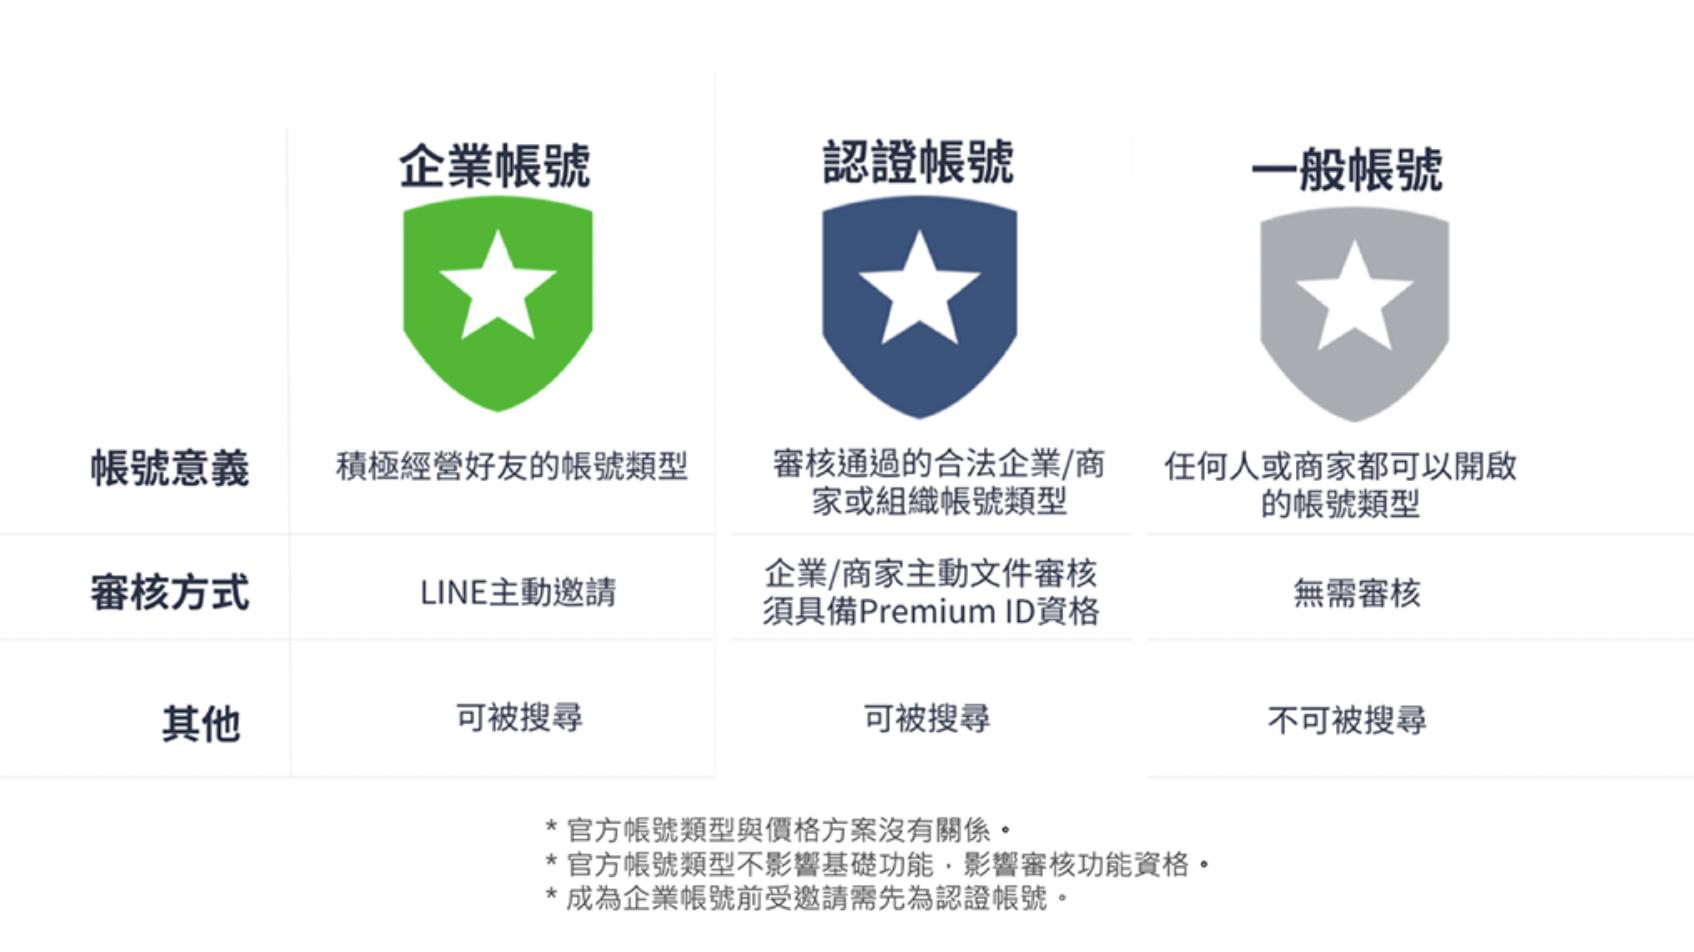 LINE官方帳號分為一般、認證、企業三種類型